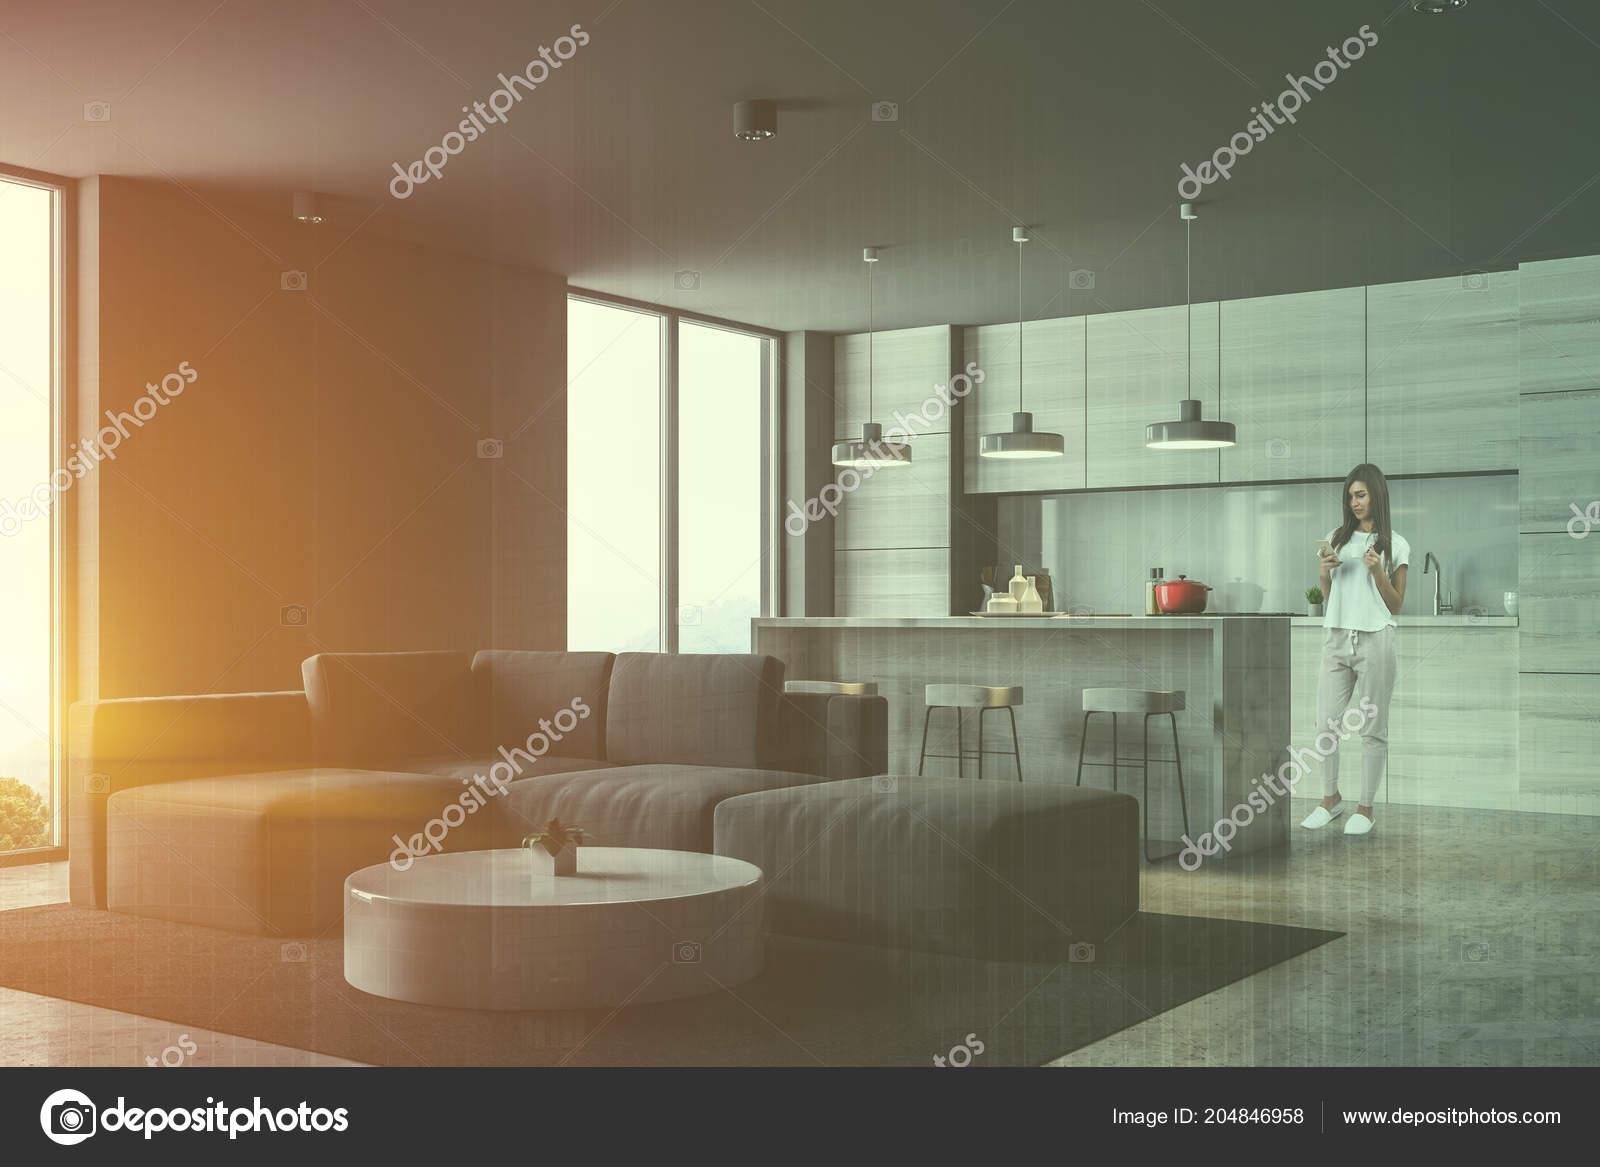 Donna angolo cucina grigia con bar loft windows soggiorno con u2014 foto